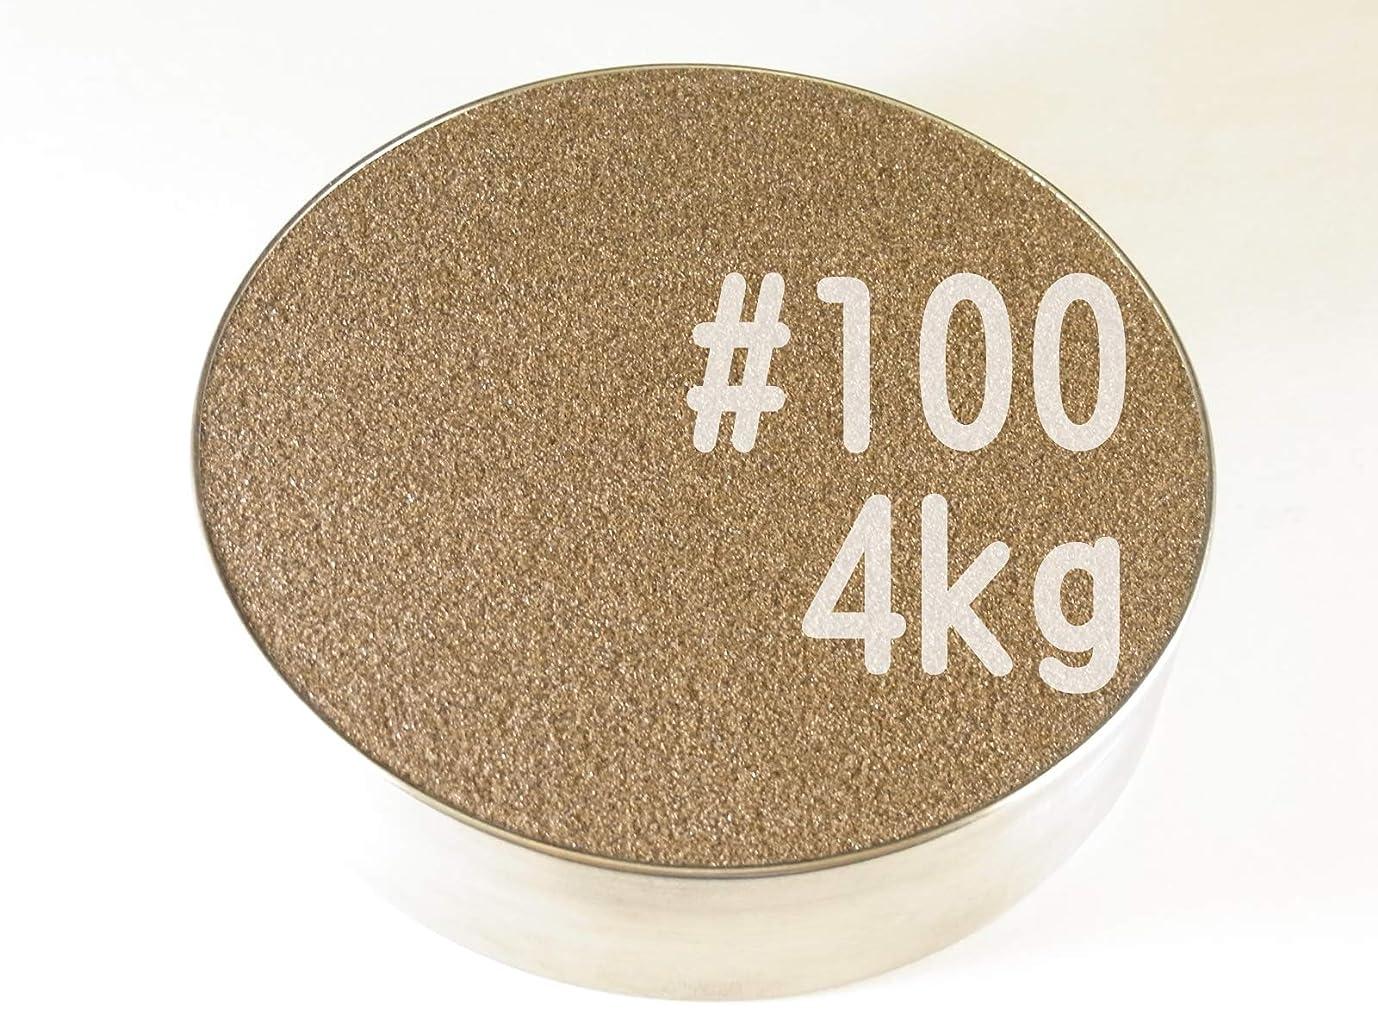 #100 (4kg) アルミナサンド/アルミナメディア/砂/褐色アルミナ サンドブラスト用(番手サイズは7種類から #40#60#80#100#120#180#220 )